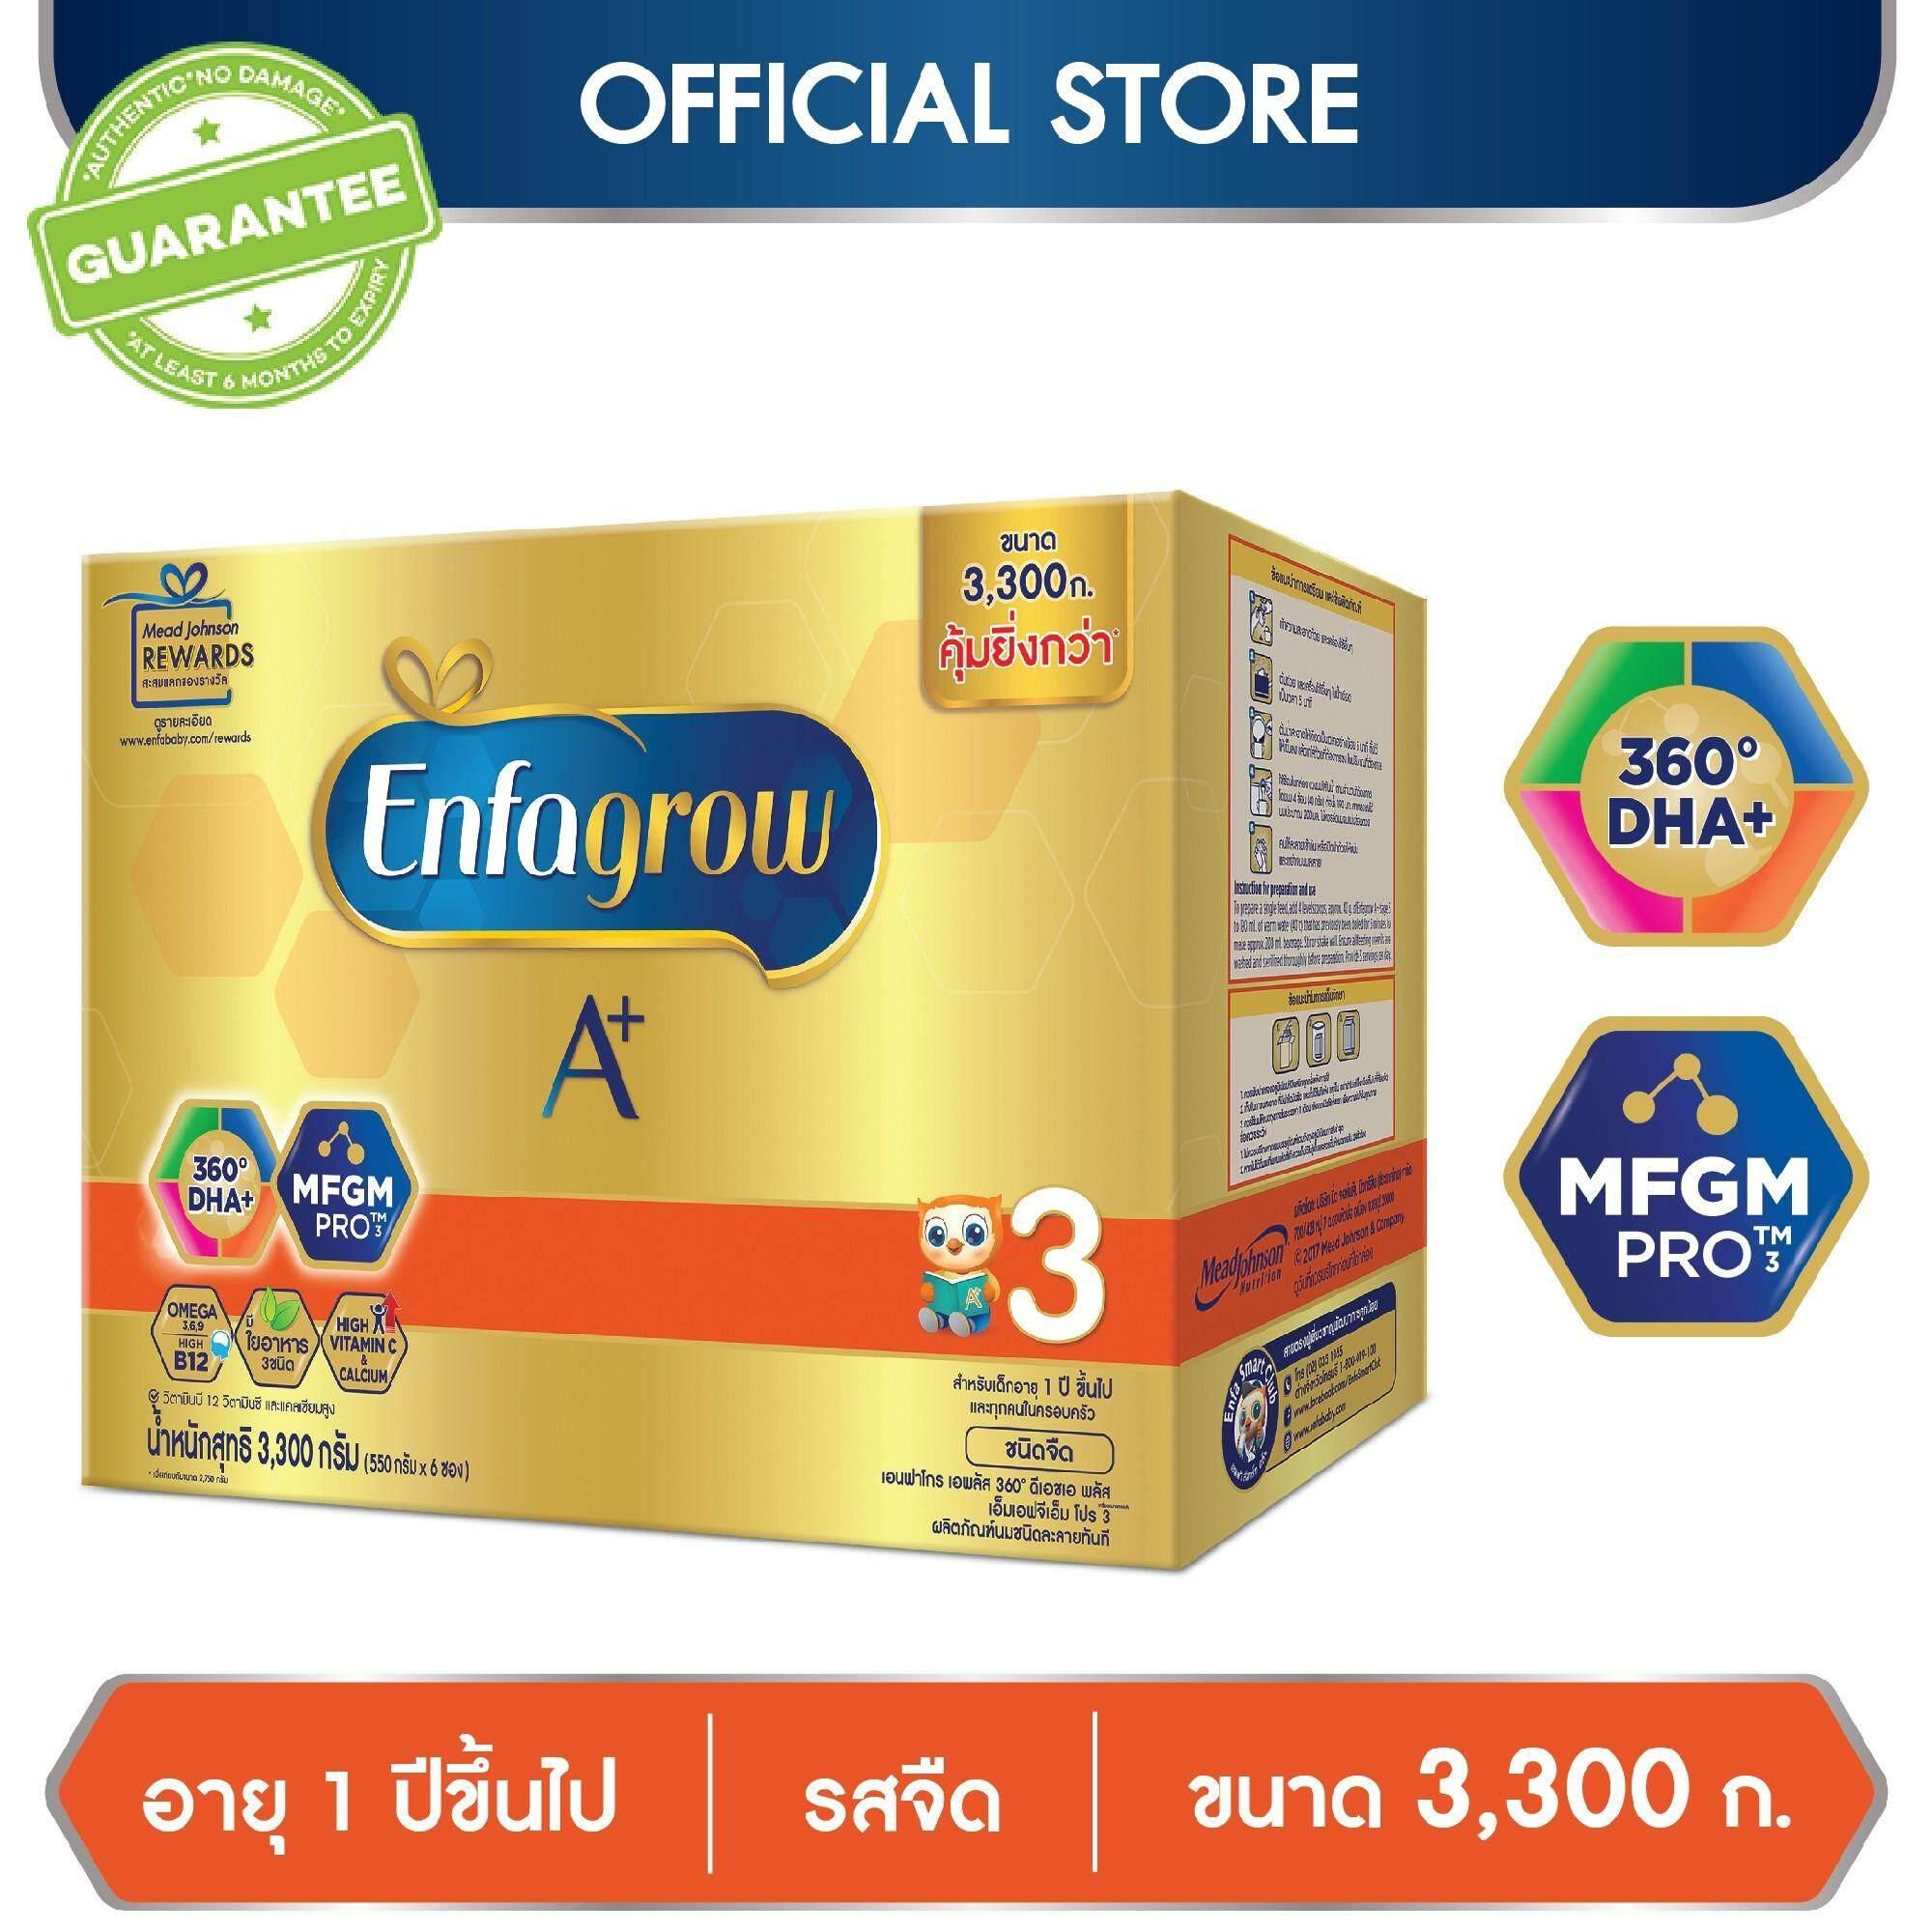 เอนฟาโกร เอพลัส สูตร 3 รสจืด นมผง สำหรับ เด็ก 3300 กรัม By Lazada Retail Enfagrow.